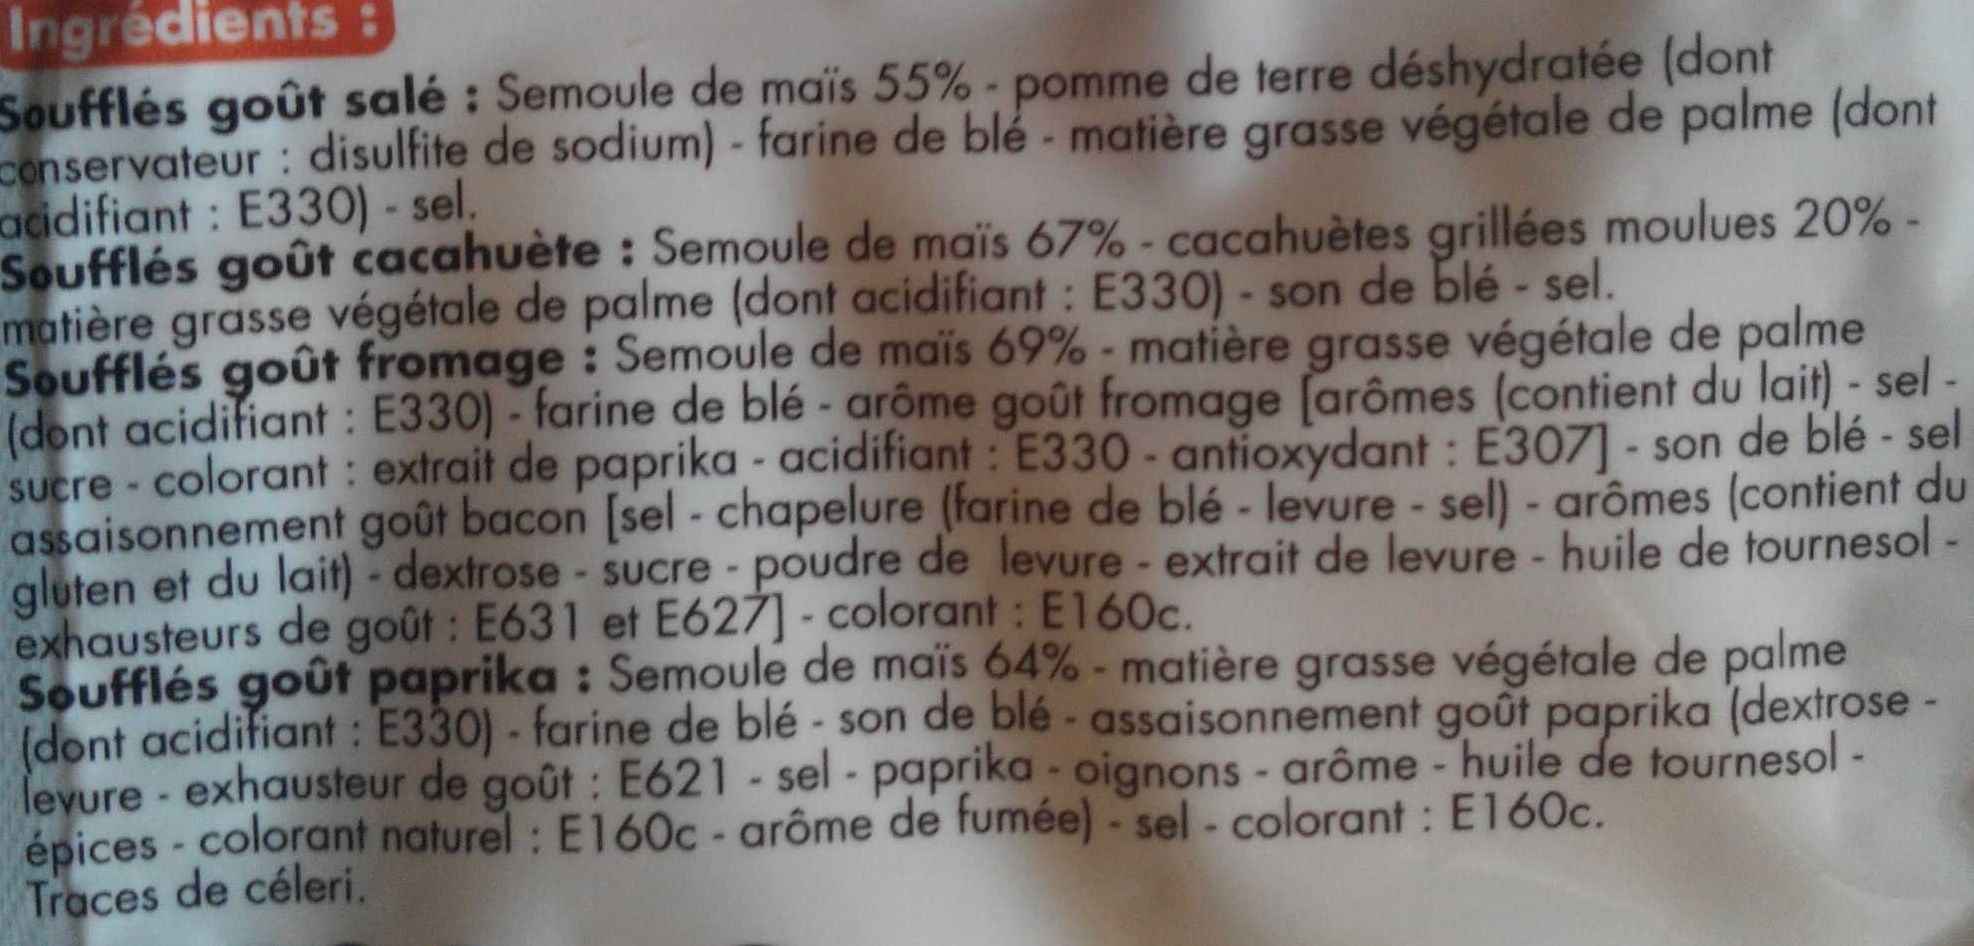 Assortiment soufflés salés - Ingrédients - fr